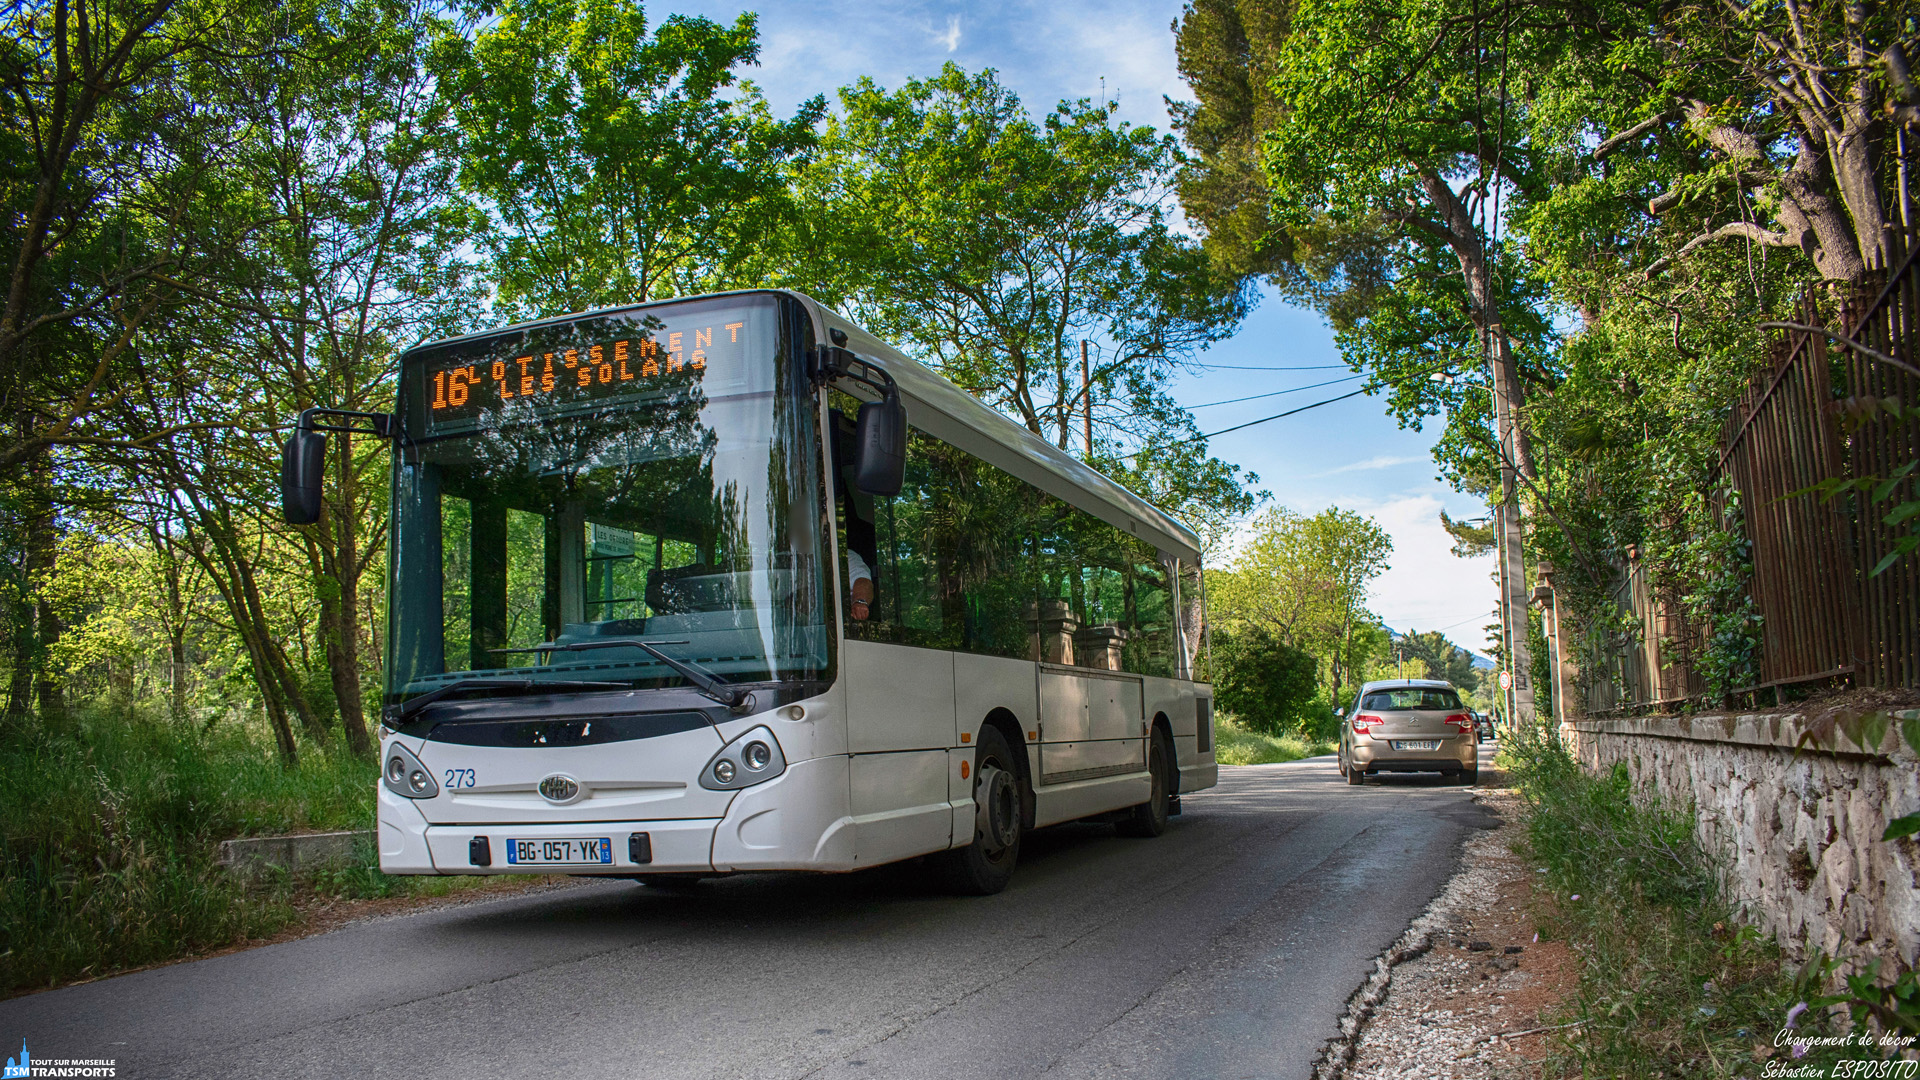 Comme un air de déjà vu en croisant ce véhicule dans les chemins de campagne en périphérie d'Aubagne. . En effet cet Heuliez bus GX 127 à commencer sa carrière à Marseille au sein de la RTM avant de partir en pré retraite sur le réseau des Lignes de L'agglo après son transfert à la société TPE qui n'est autre qu'une filiale de la RTM. . Pour l'instant exclusivement affecté à la ligne 16 il relie la Gare d'Aubagne à un petit lotissement à l'écart à la campagne en un petit quart d'heure et en passant dans des petites routes parfois étroites. . ℹ️ Heuliez Bus GX 127 ex RTM, TPE N°273 (numéro certainement provisoire). . 📍 Chemin des Solans, 13400 Aubagne. . ↔️ 16 : Gare d'Aubagne - Lotissement Les Solans. . 📖 TPE : Transport du Pays de L'étoile, filiale de la RTM. . 📸 Nikon D5600. . 📷 Nikkor 18-55mm. . 📅 3 Mai 2019 à 18:02. . 👨 Sébastien ESPOSITO.